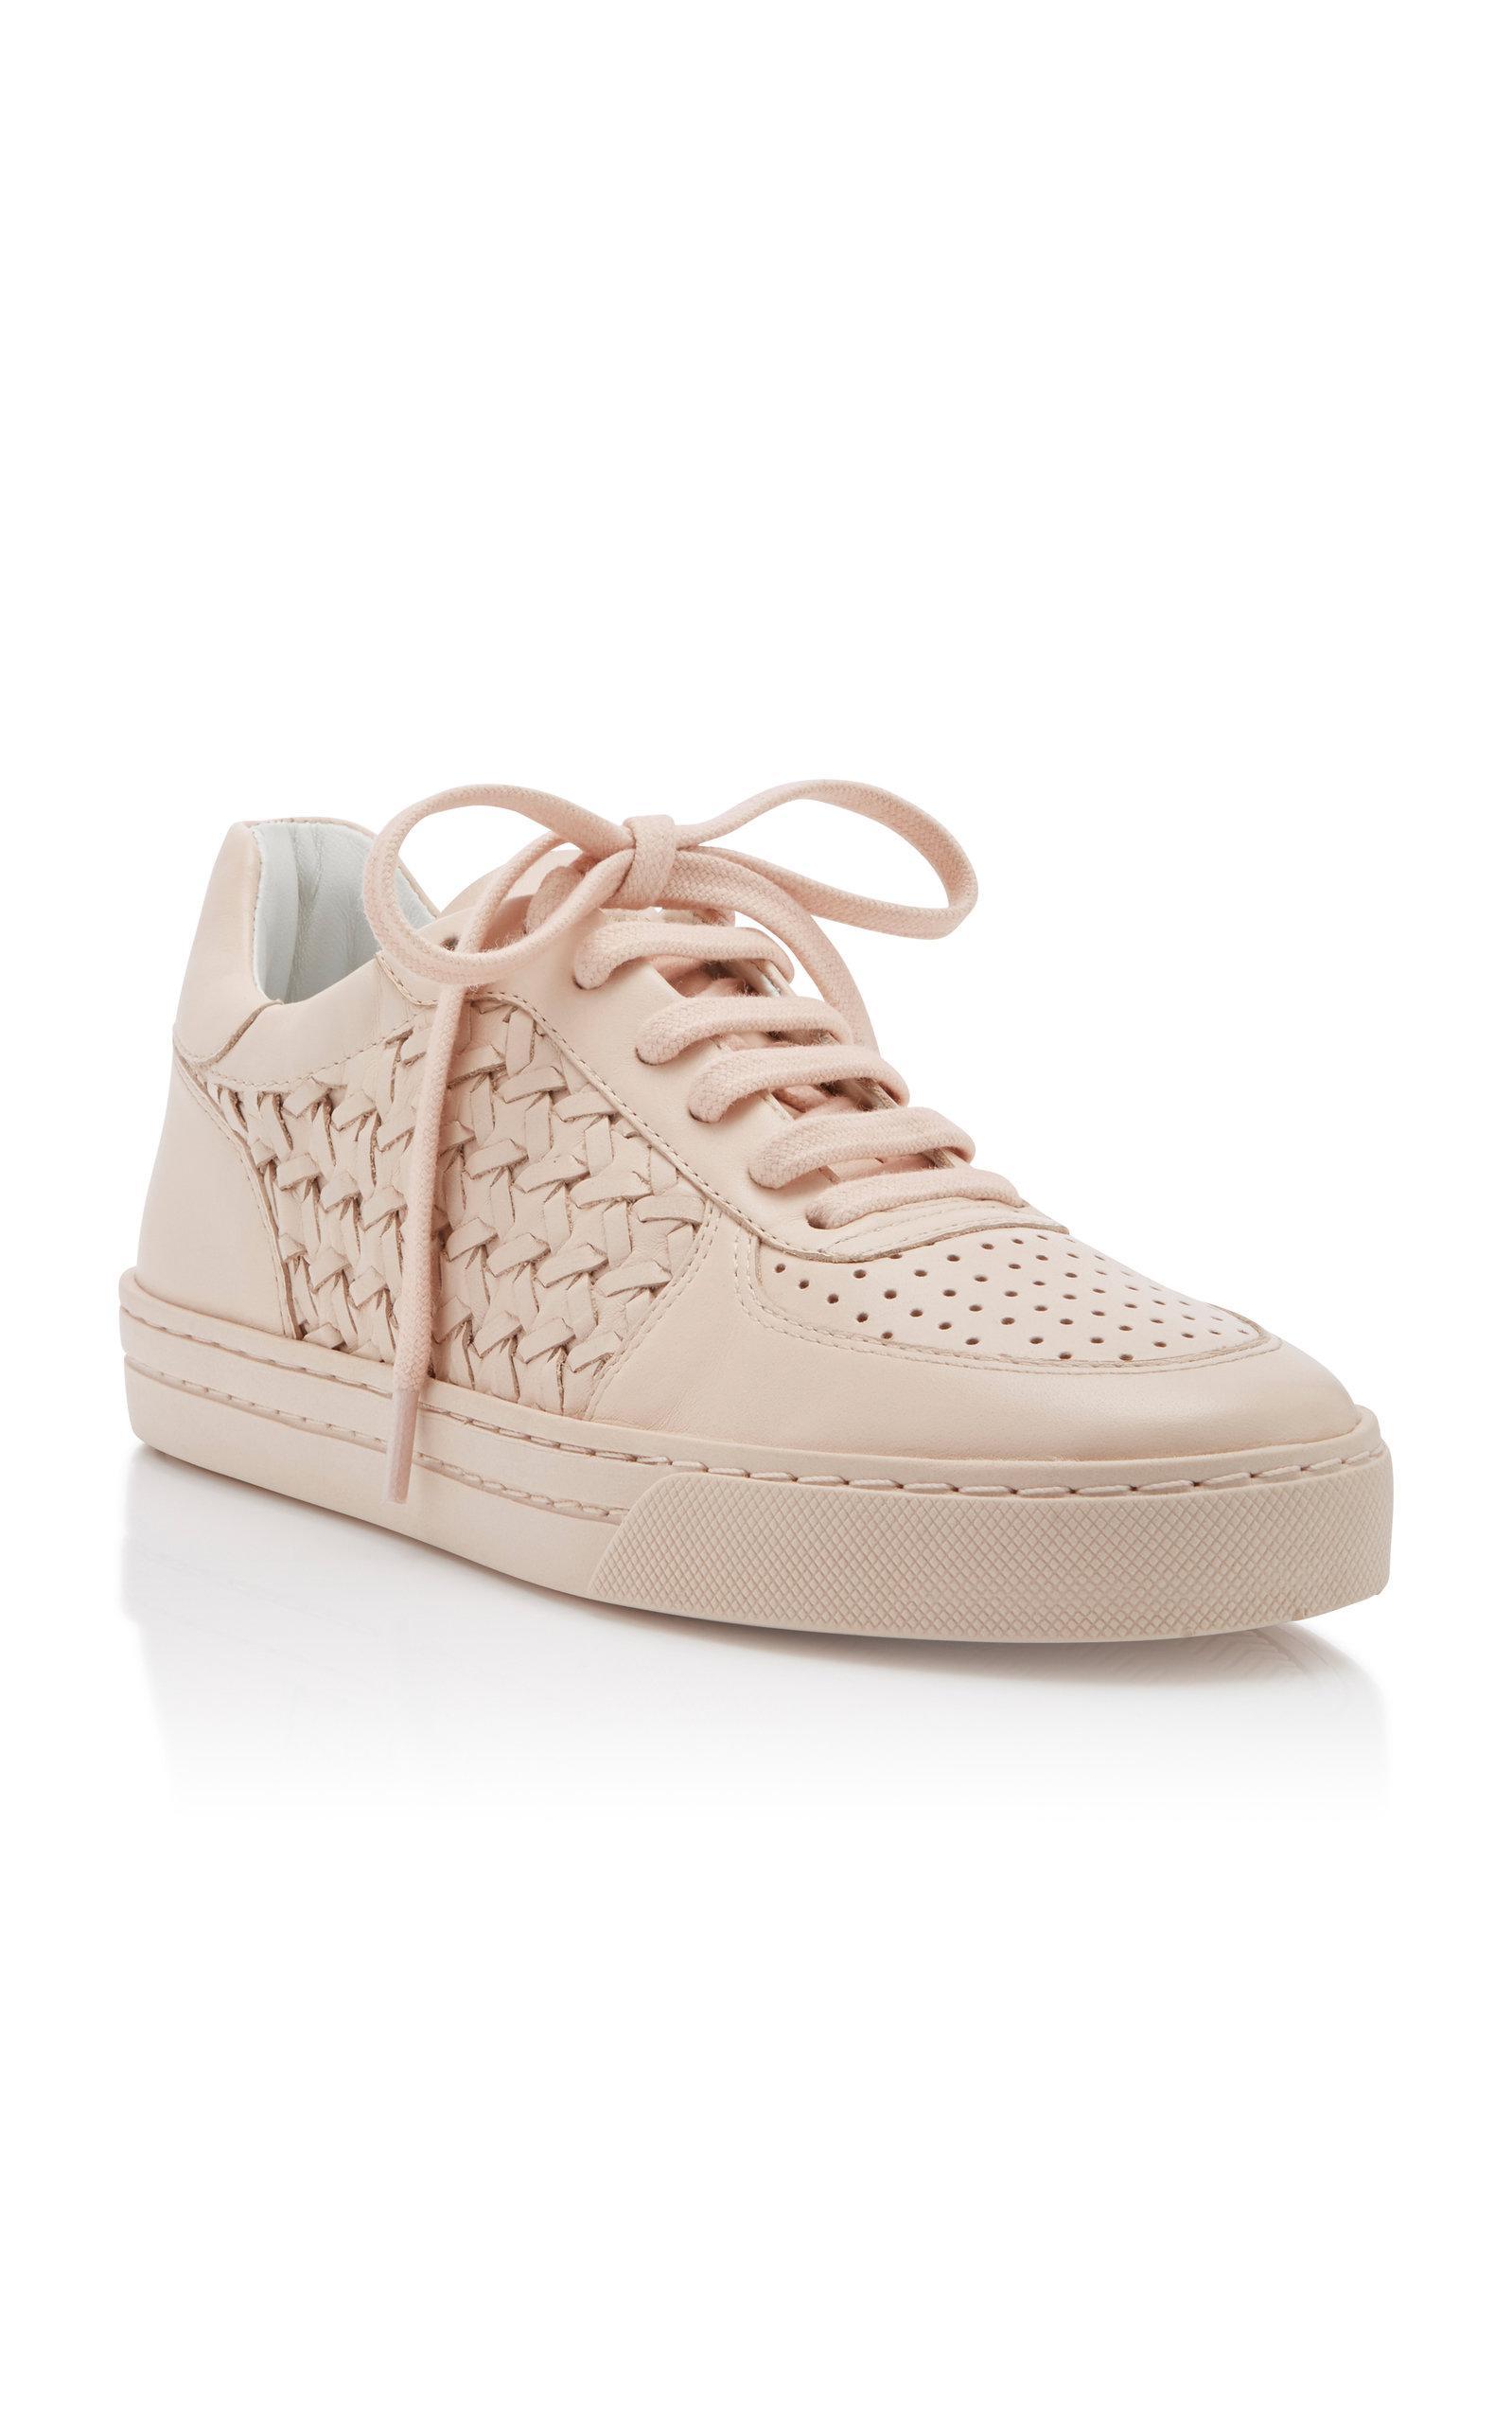 Zimmermann Leather Woven Sneaker